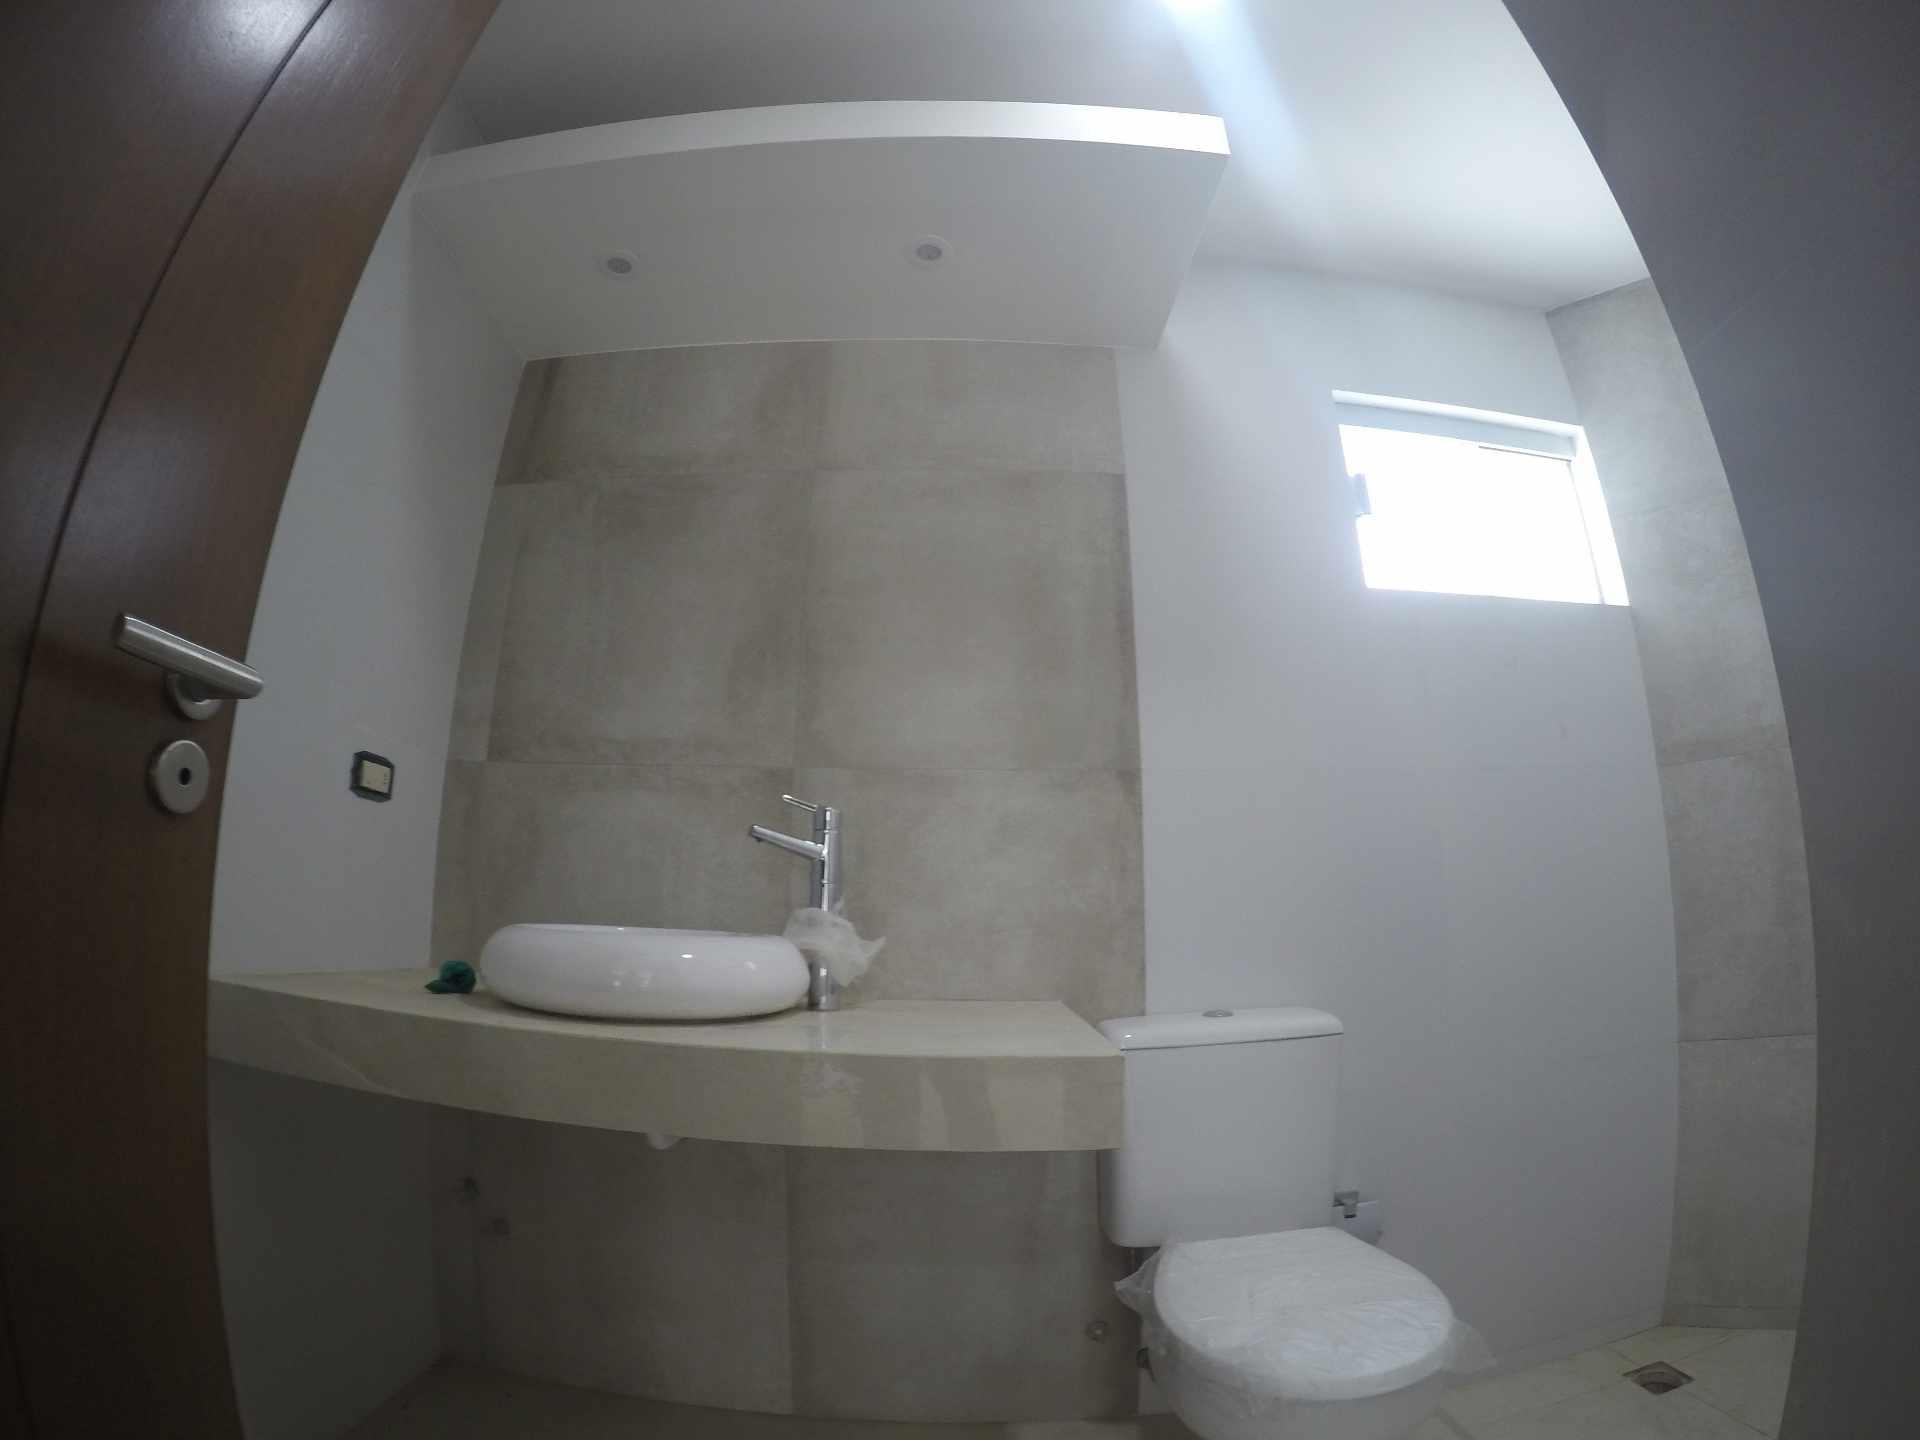 Casa en Alquiler Casa independiente en alquiler a estrenar, próximo a Parque Los Mangales II [Av. Beni y 4to. Anillo], De 3 plantas, 3 dormitorios (2 en suite), con dependencias. [1000$us.] Foto 11